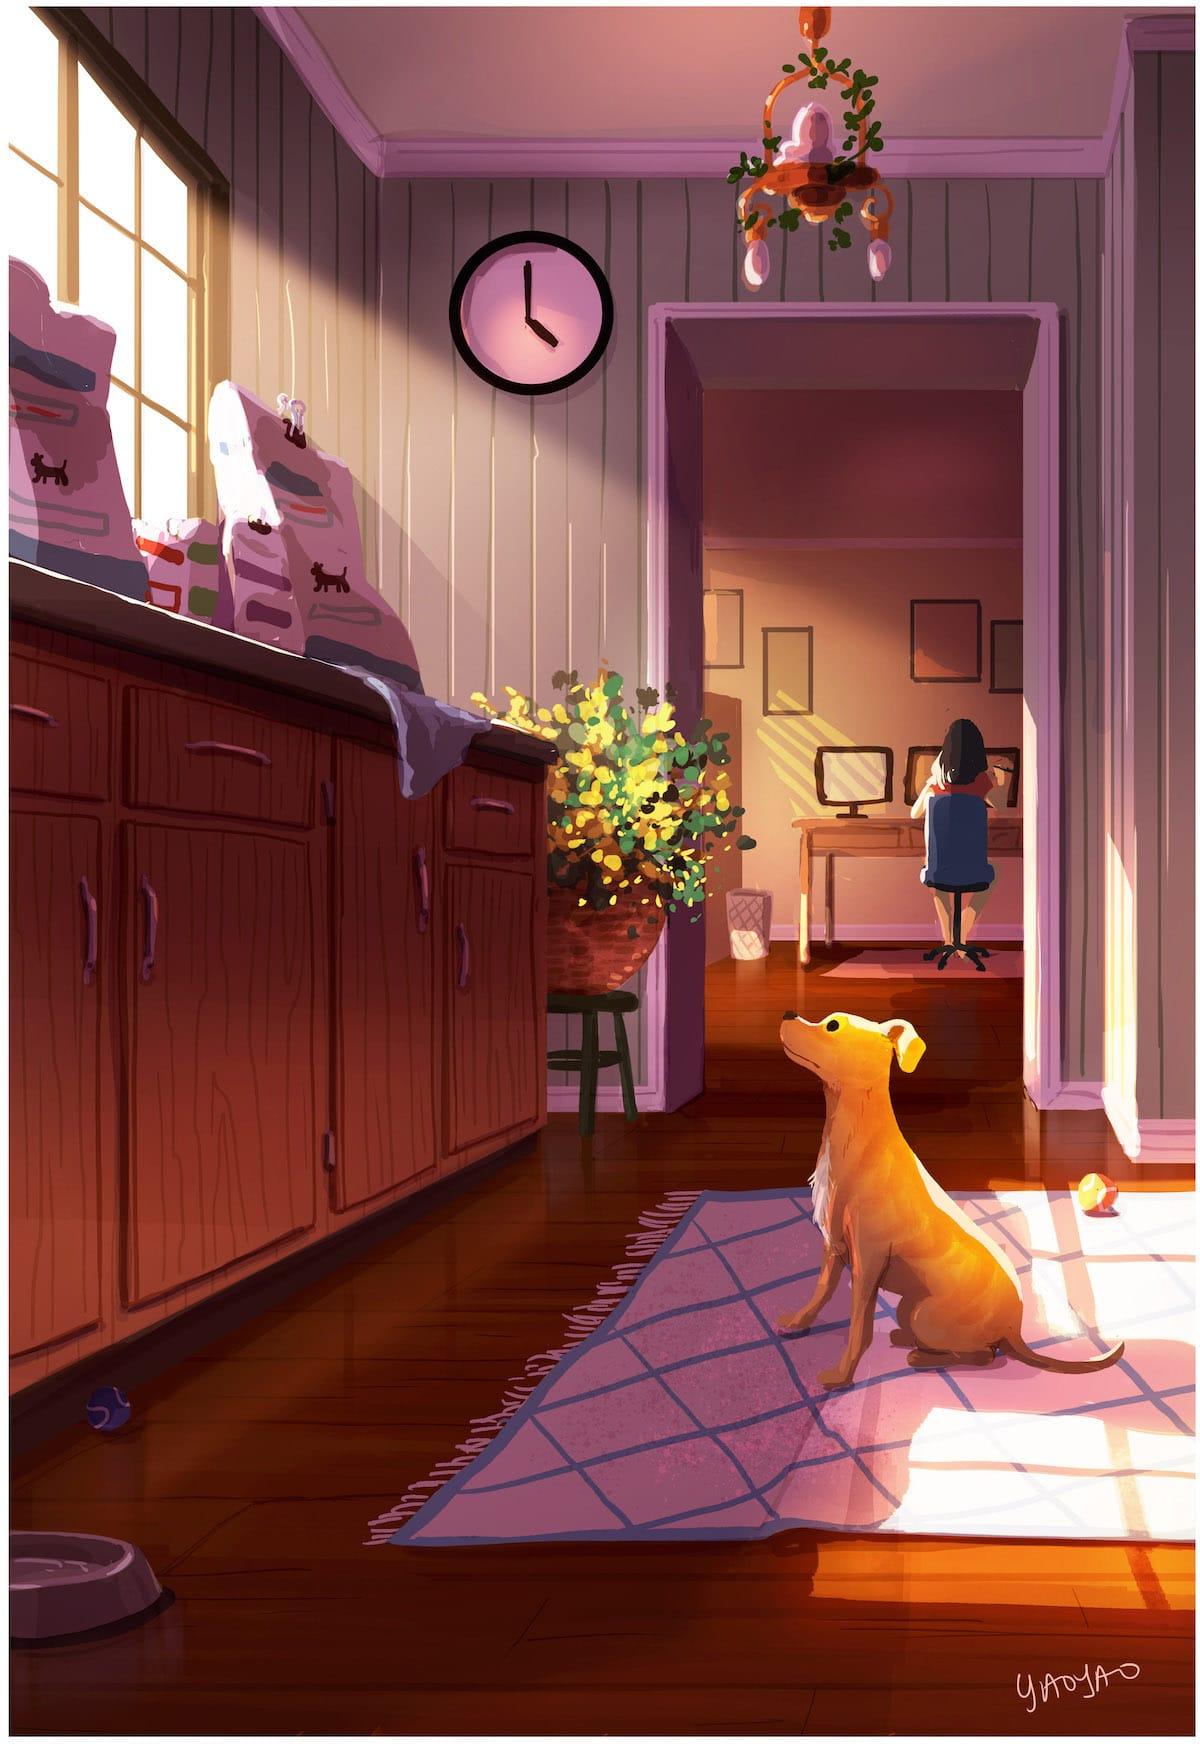 Ilustraciones de perros por Yaoyao Ma Van As